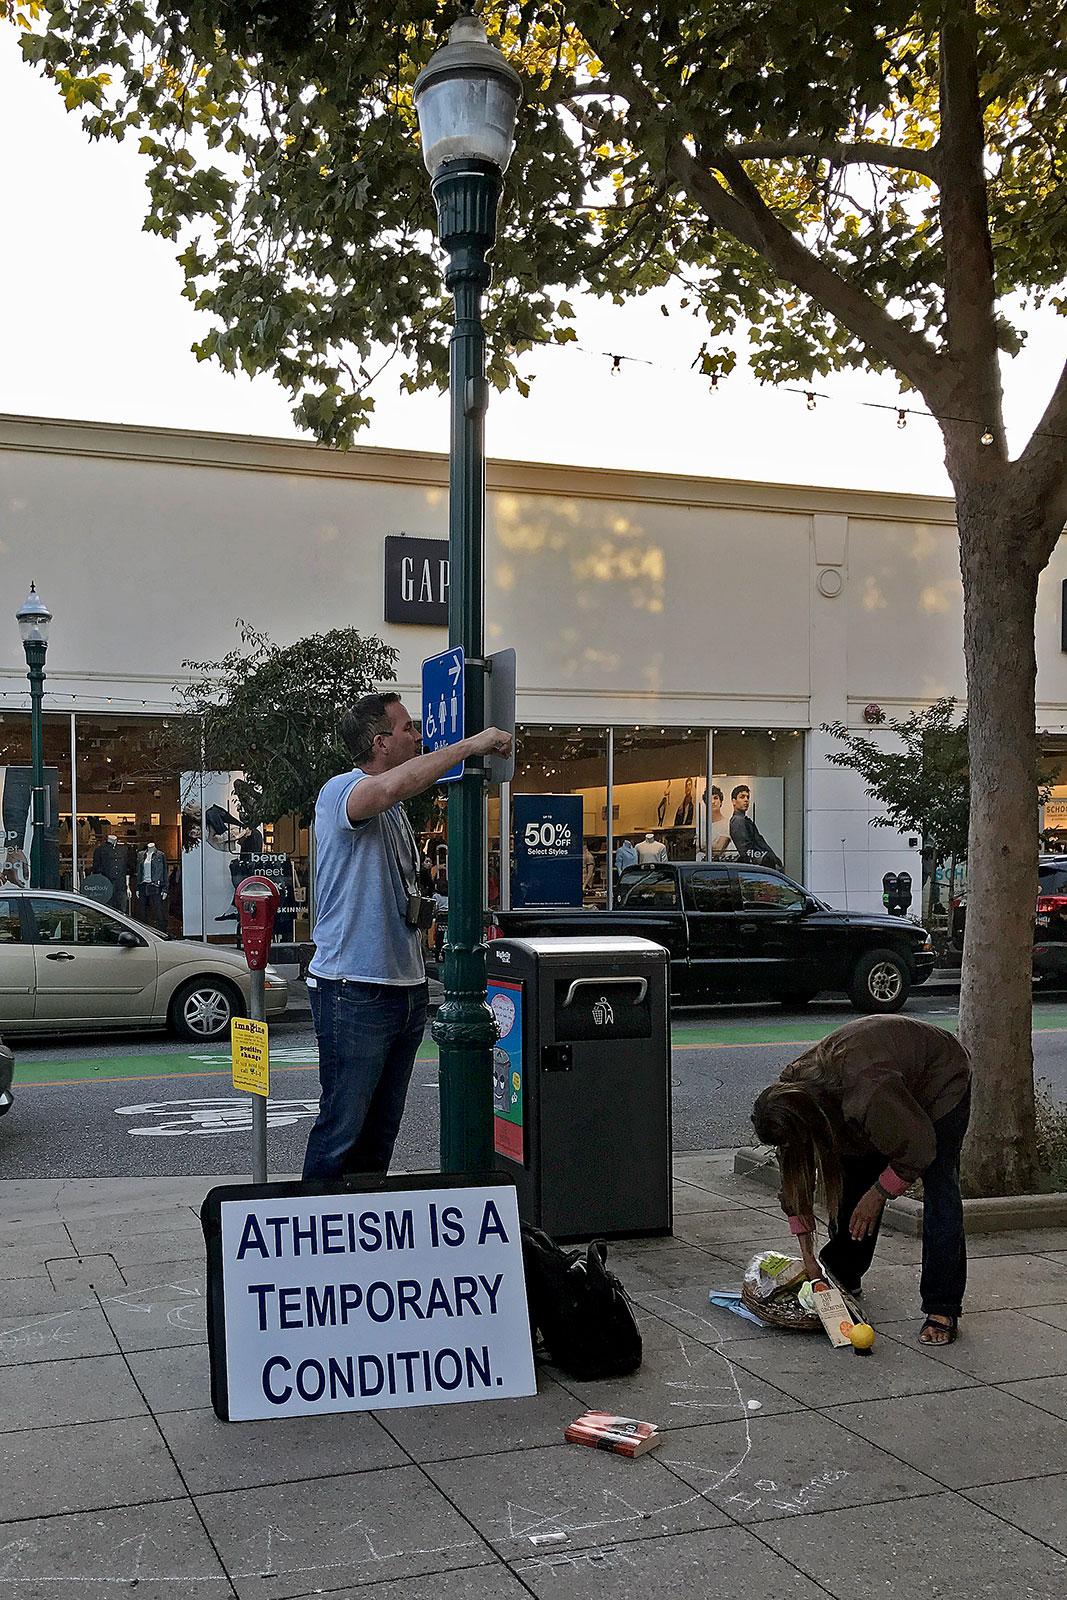 """Homens numa rua com placa """"Ateísmo é uma condição temporária"""""""